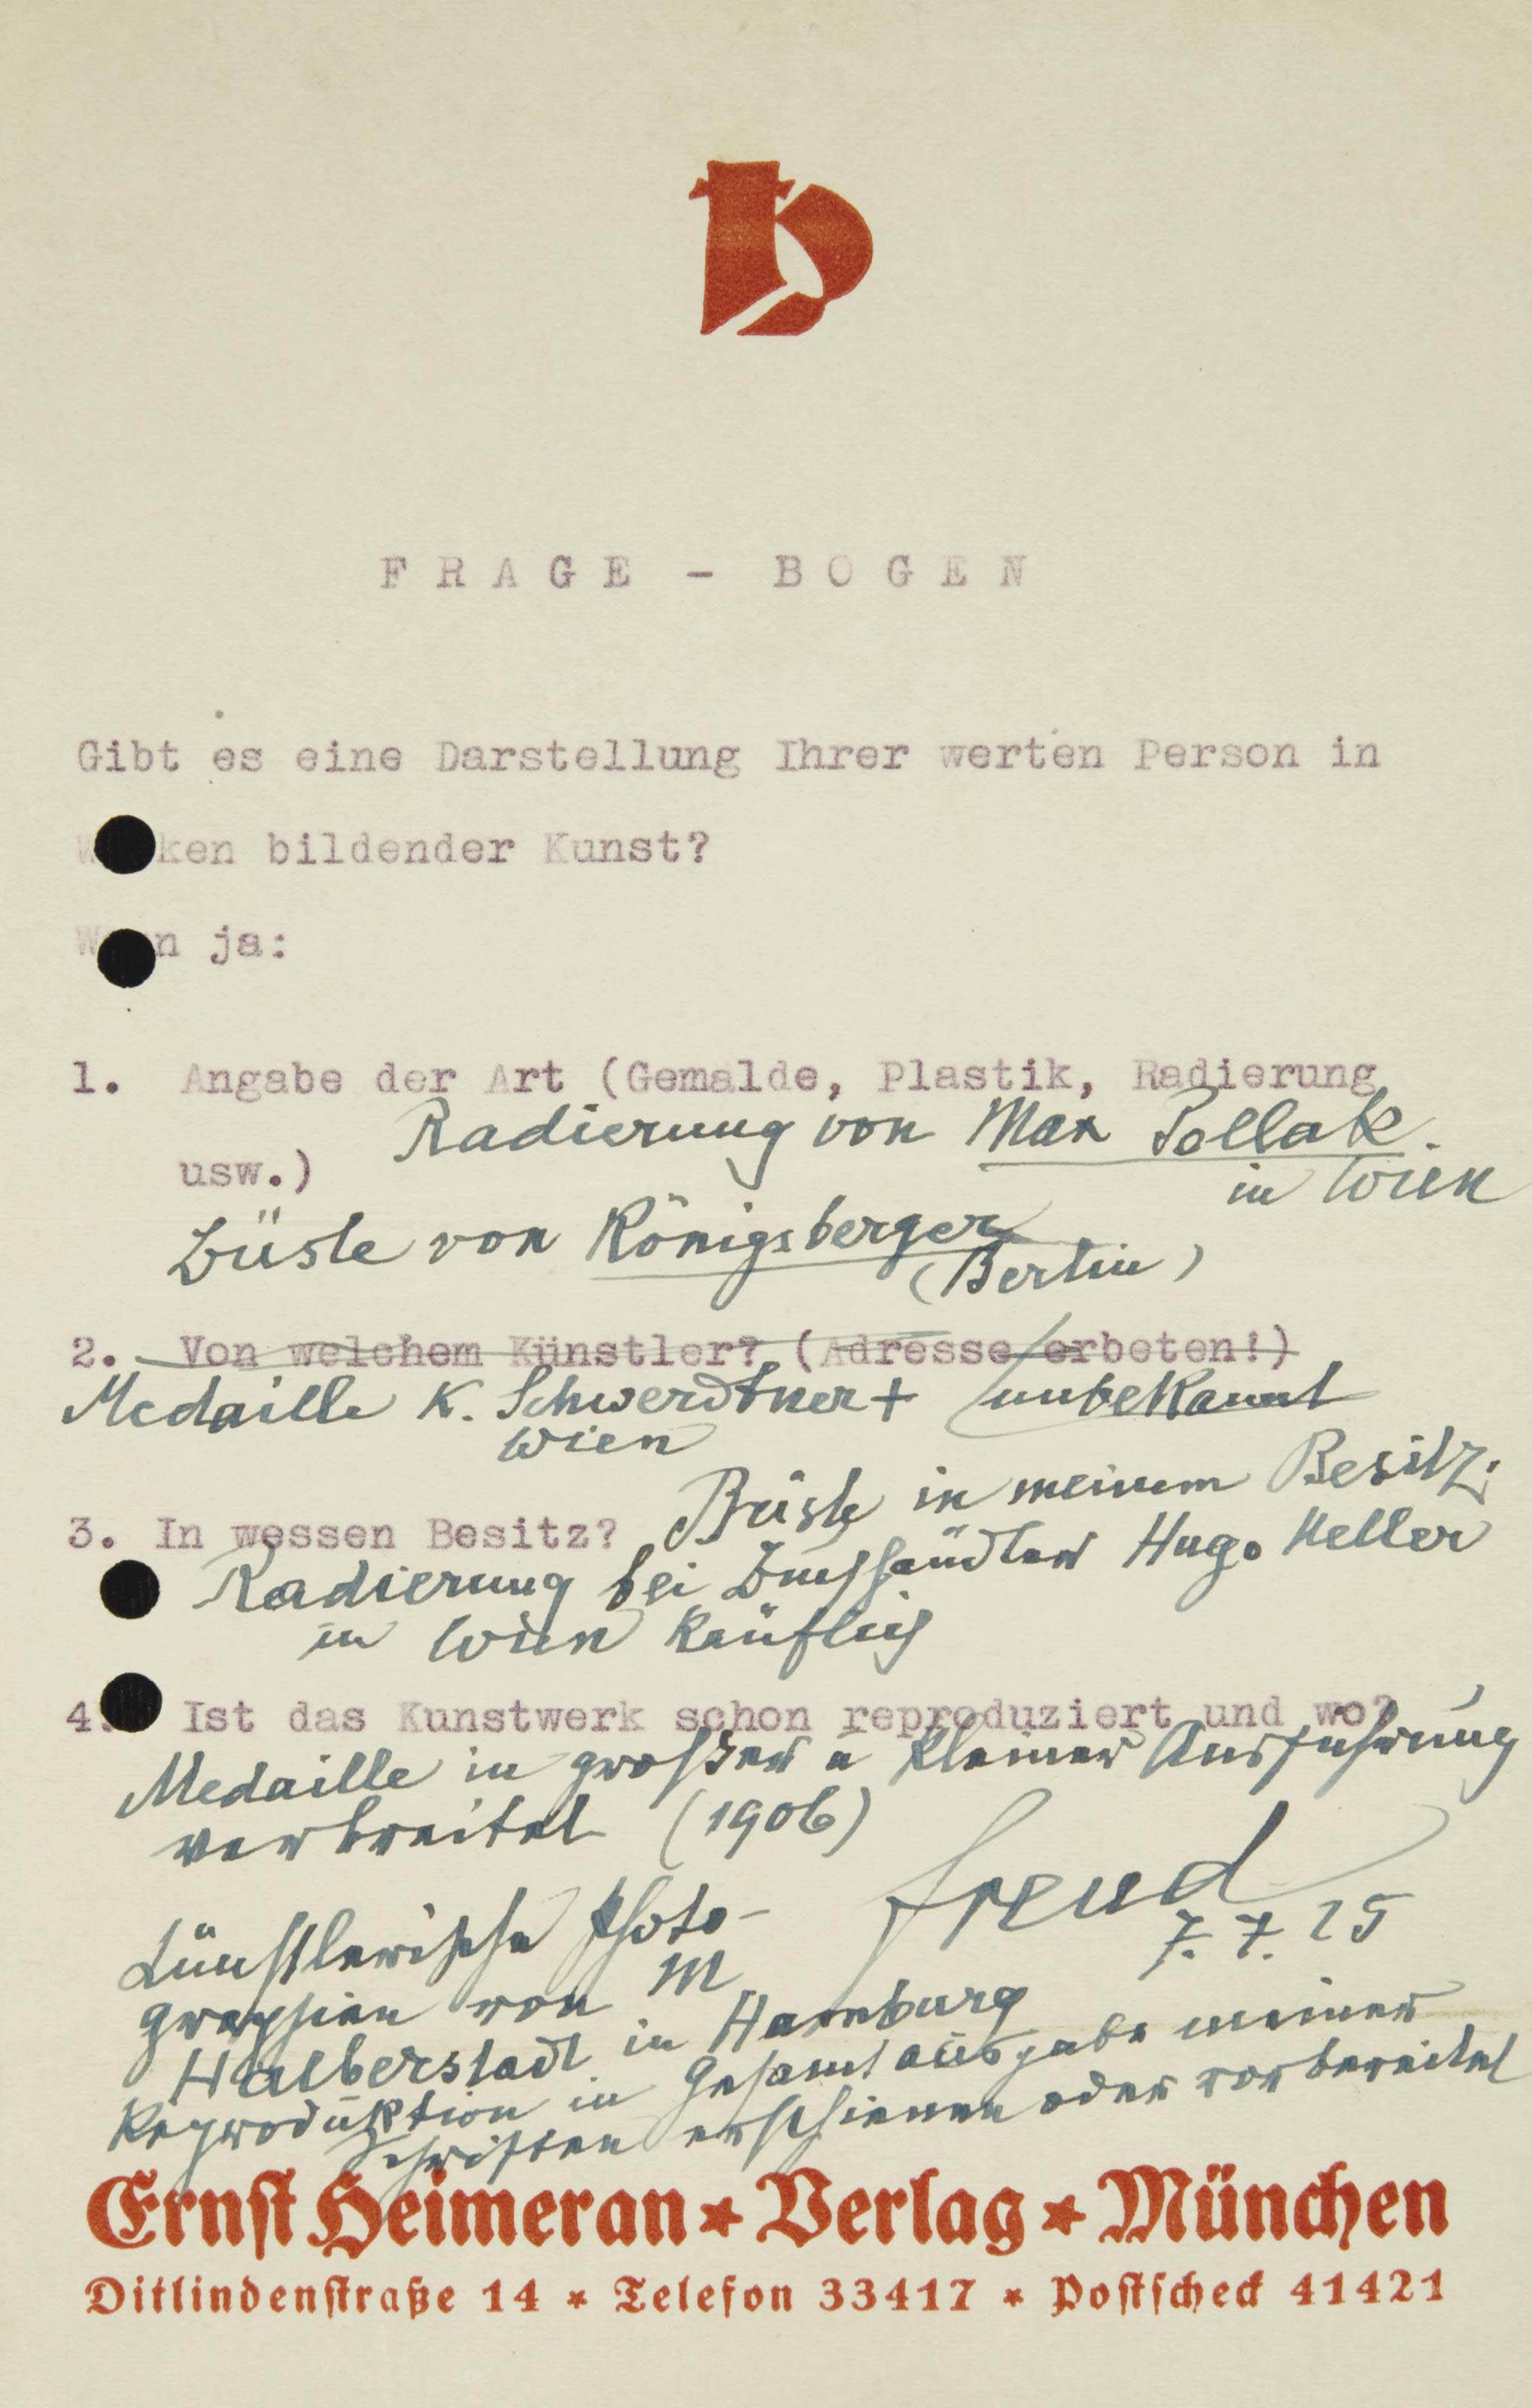 FREUD, Sigmund (1856-1939). Questionnaire de l'éditeur allemand Carl Heimeran Verlag sur papier à en tête, une page in-8 (224 x 142 mm), dûment rempli par Sigmund Freud, daté 7.7.[19]25. (Trous de perforation en marge gauche.) En allemand.